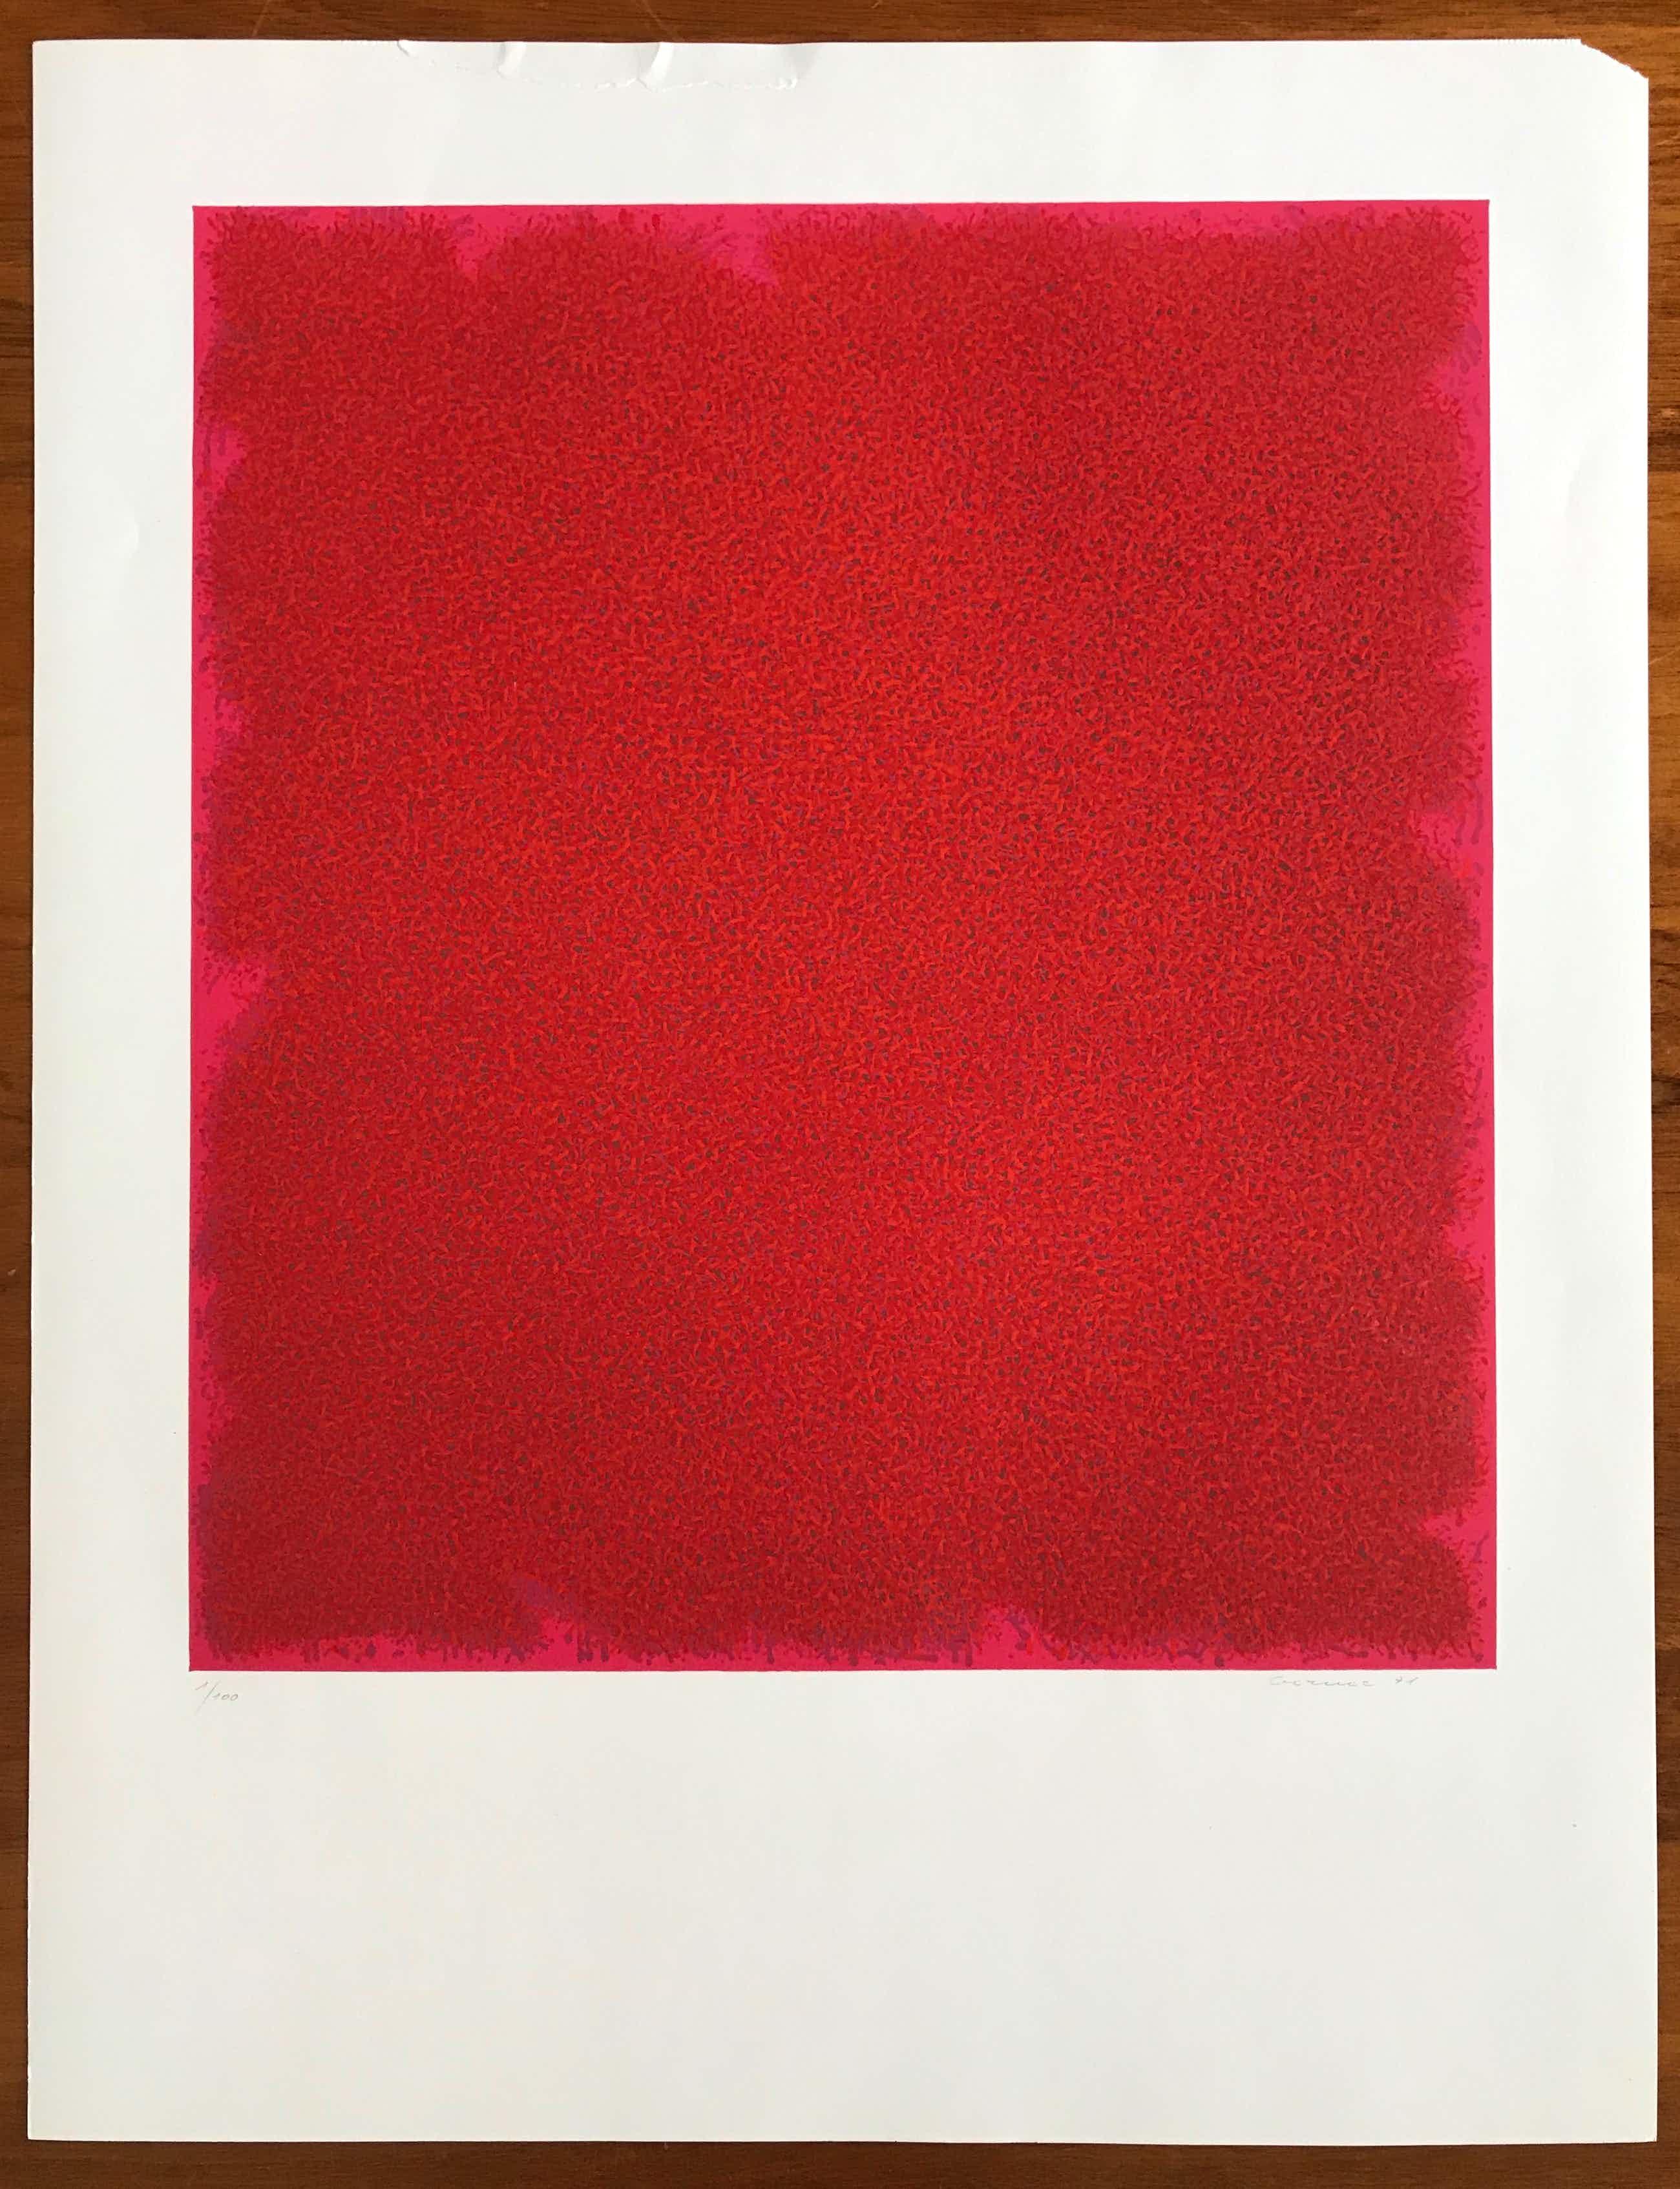 Bernd Berner - Gesigneerde kleurenlithografie - 1971 - 1/100 kopen? Bied vanaf 115!